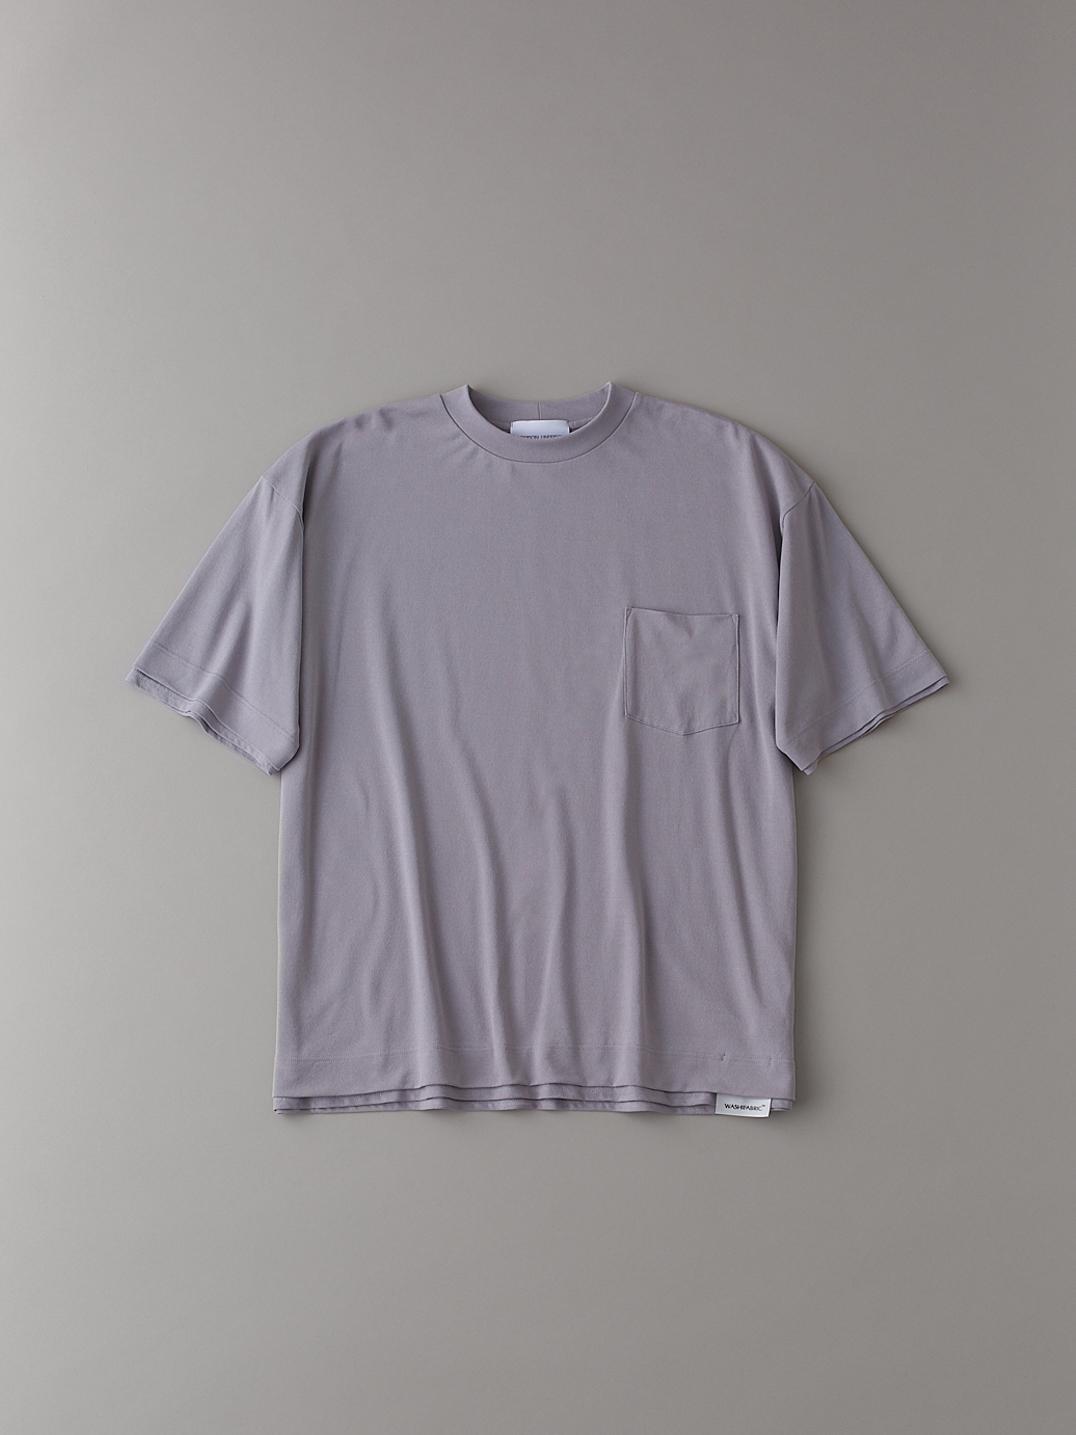 オールダブルTシャツ【メンズ】